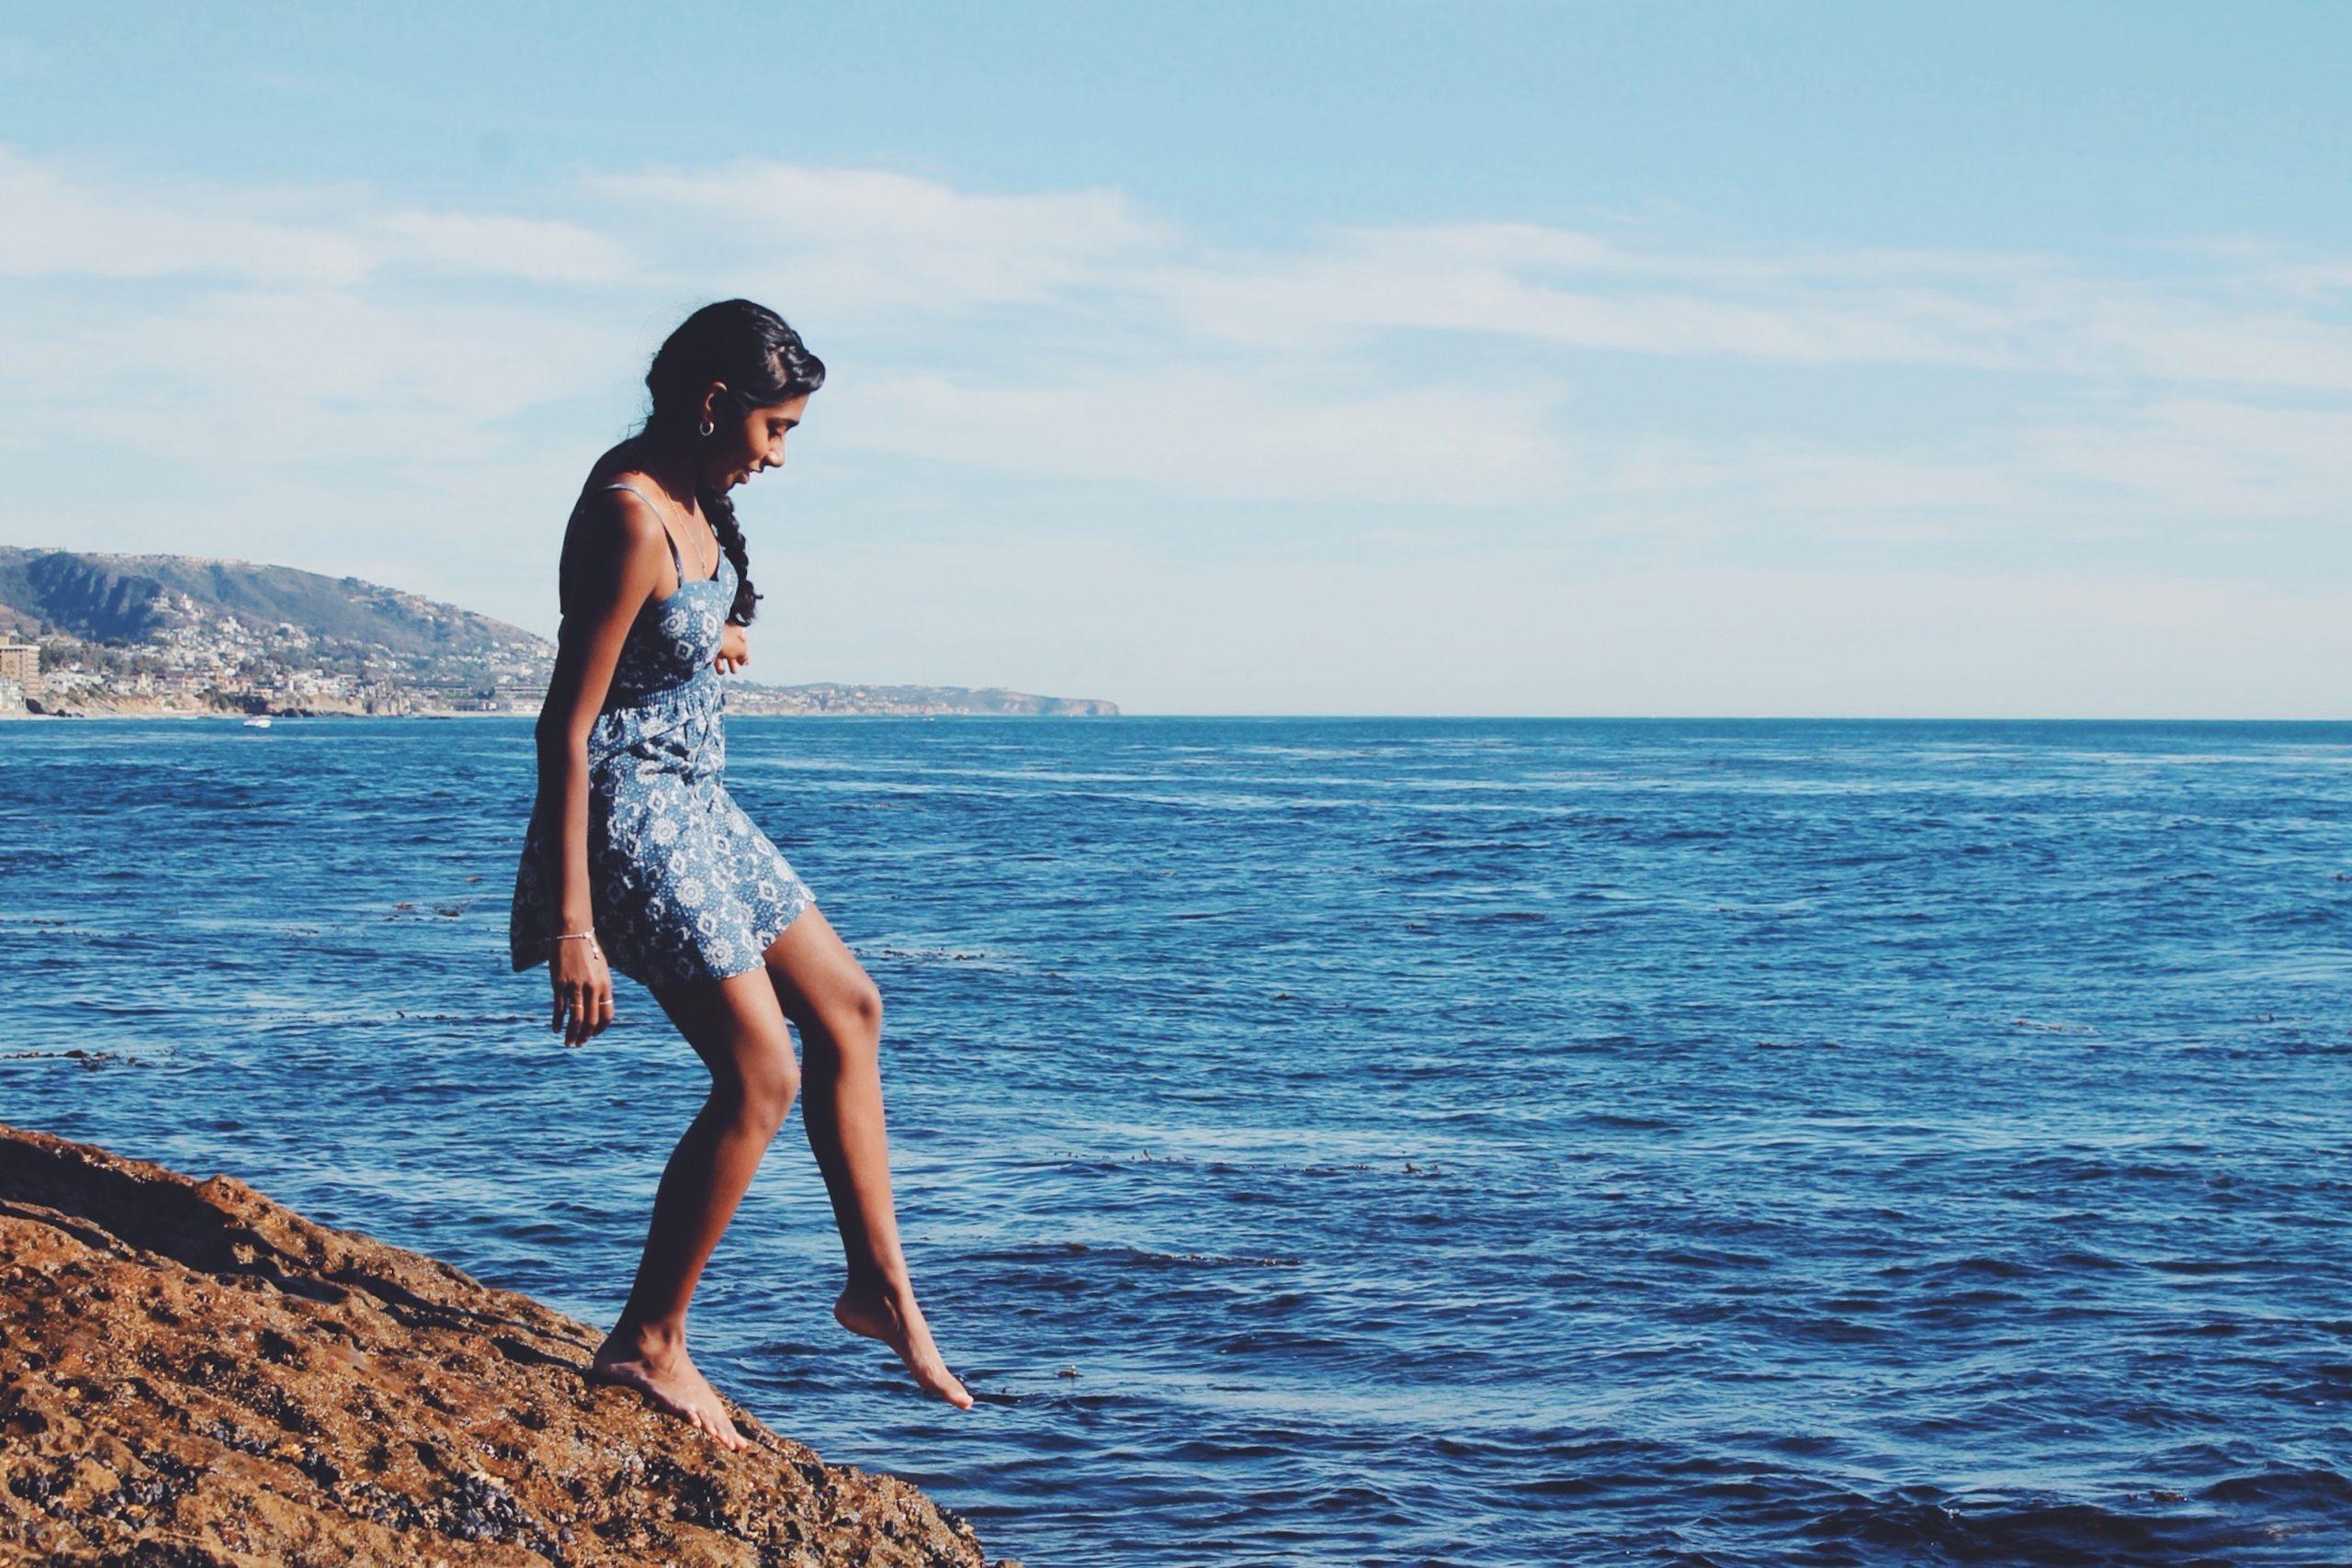 woman-approaching-water